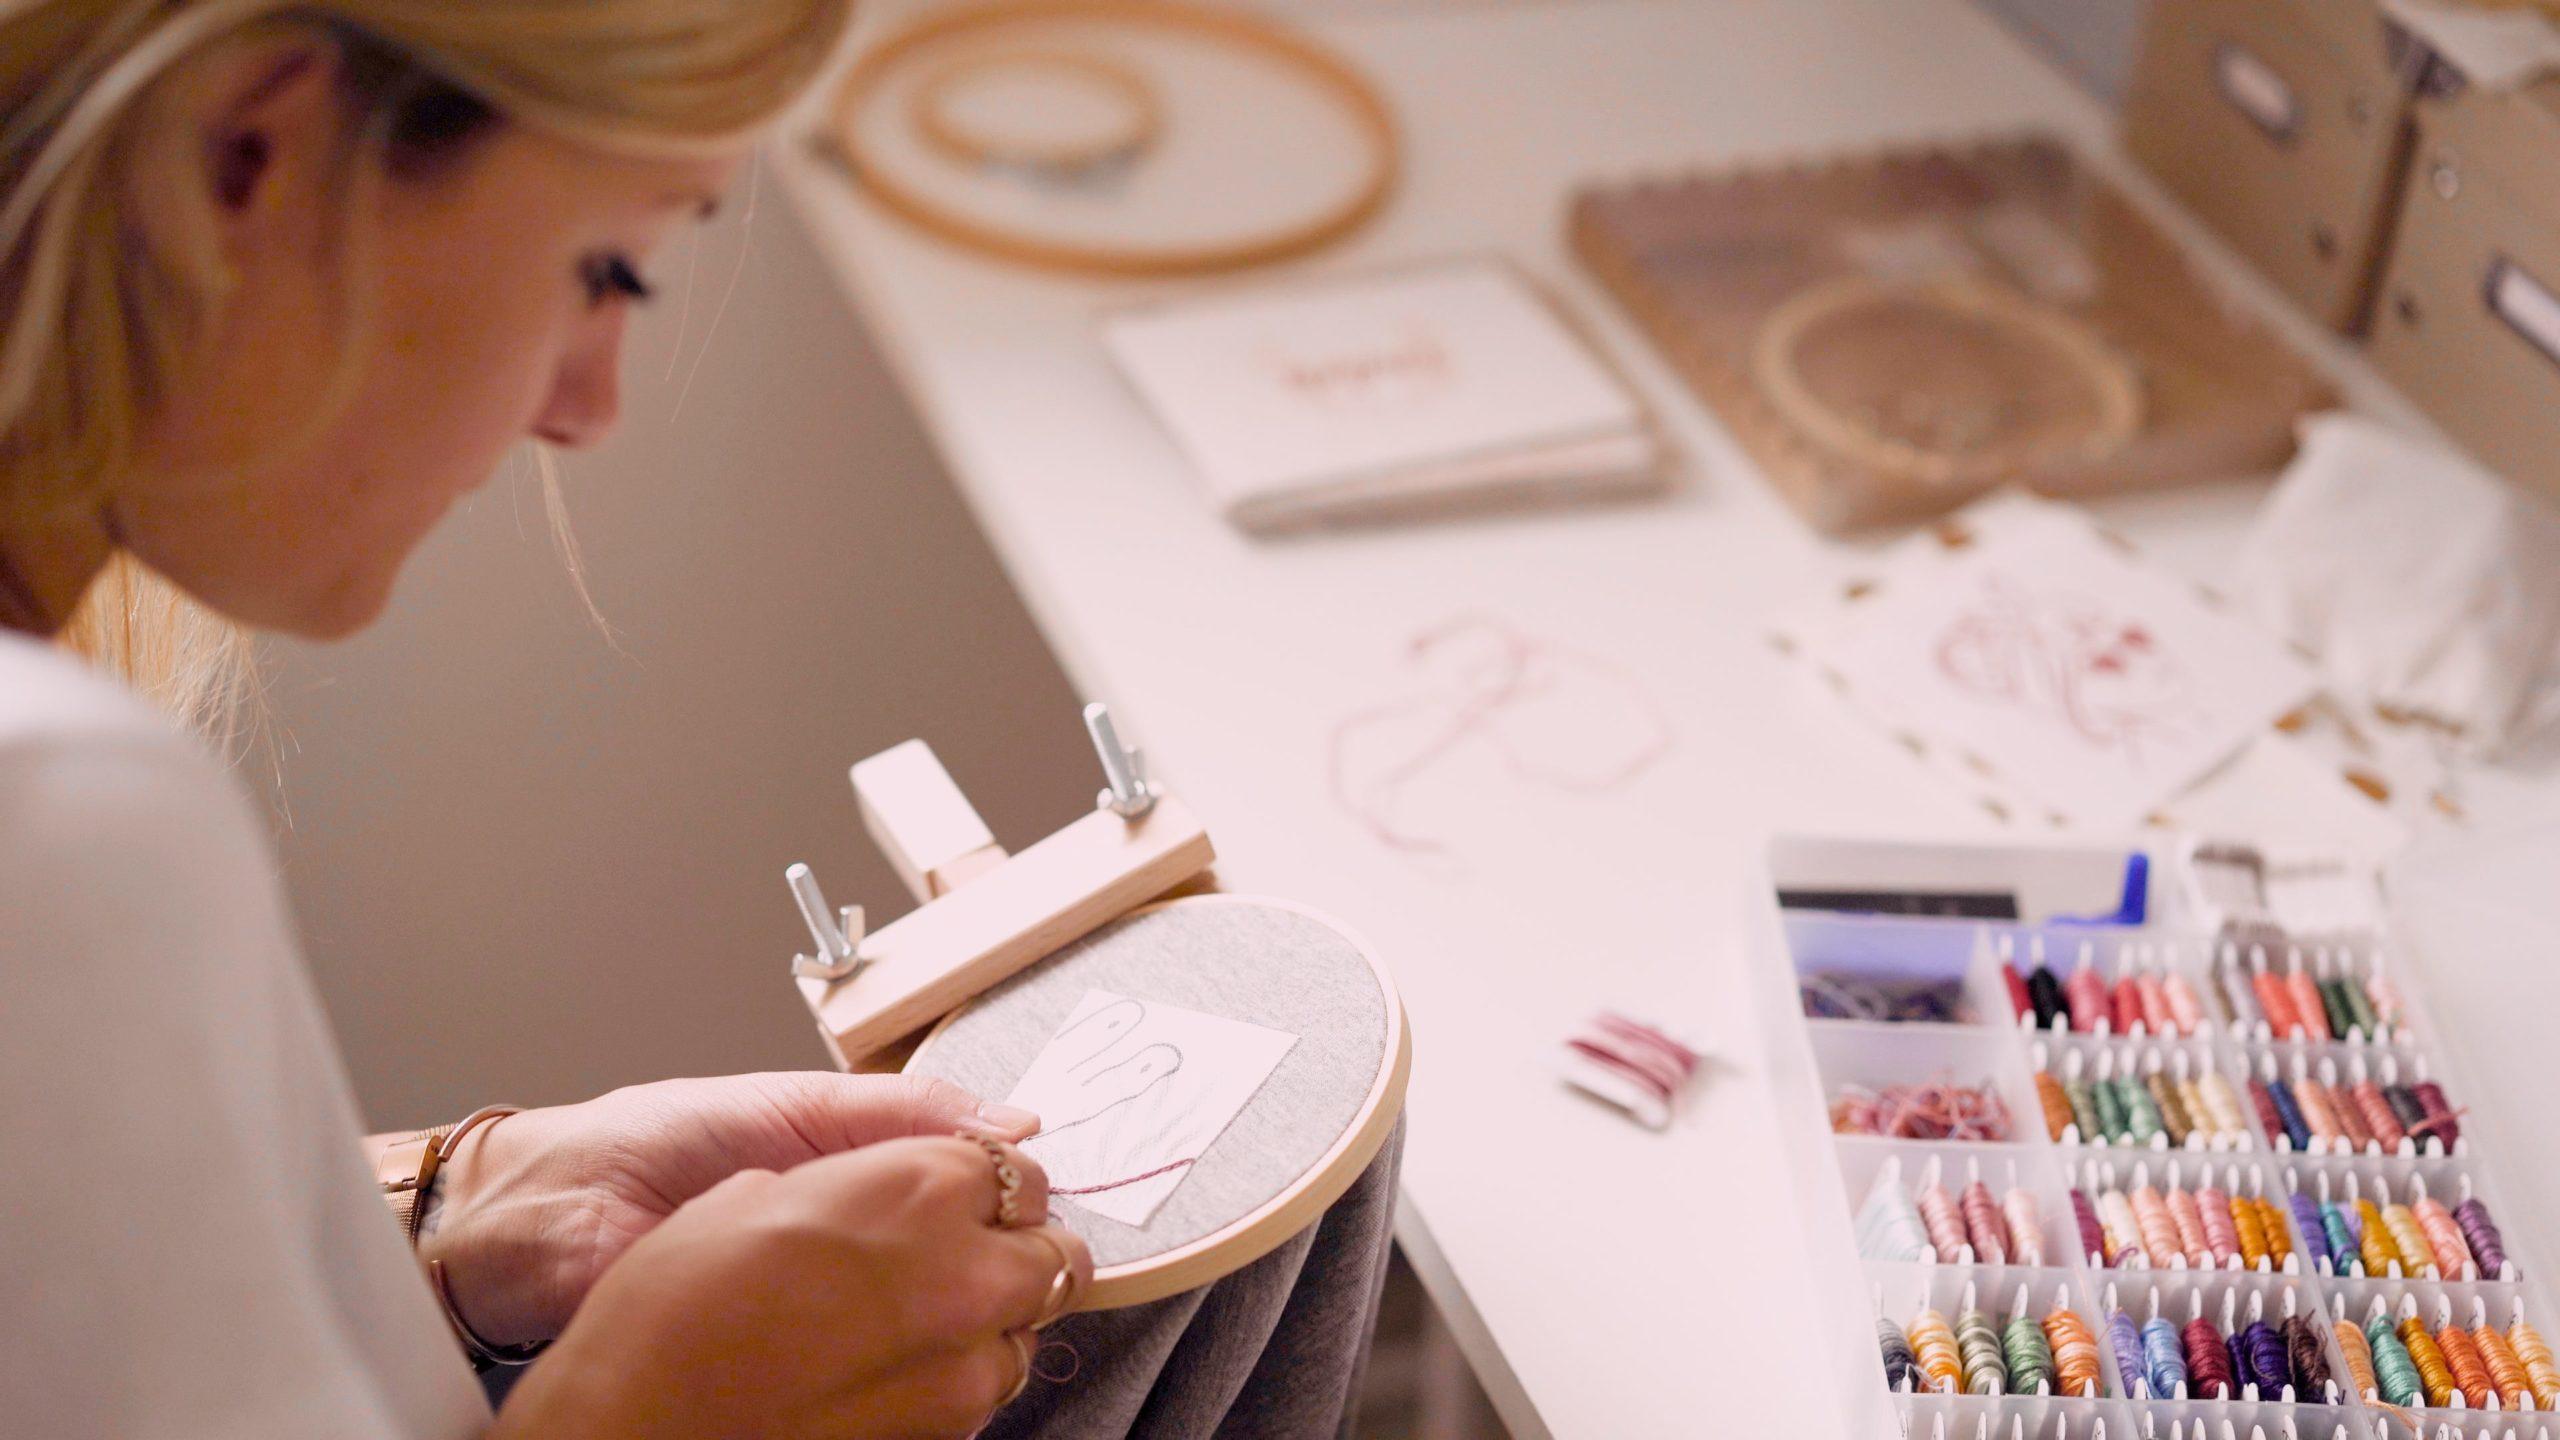 Laure, la fondatrice de la marque Lauremjoy, en pleine broderie dans son atelier